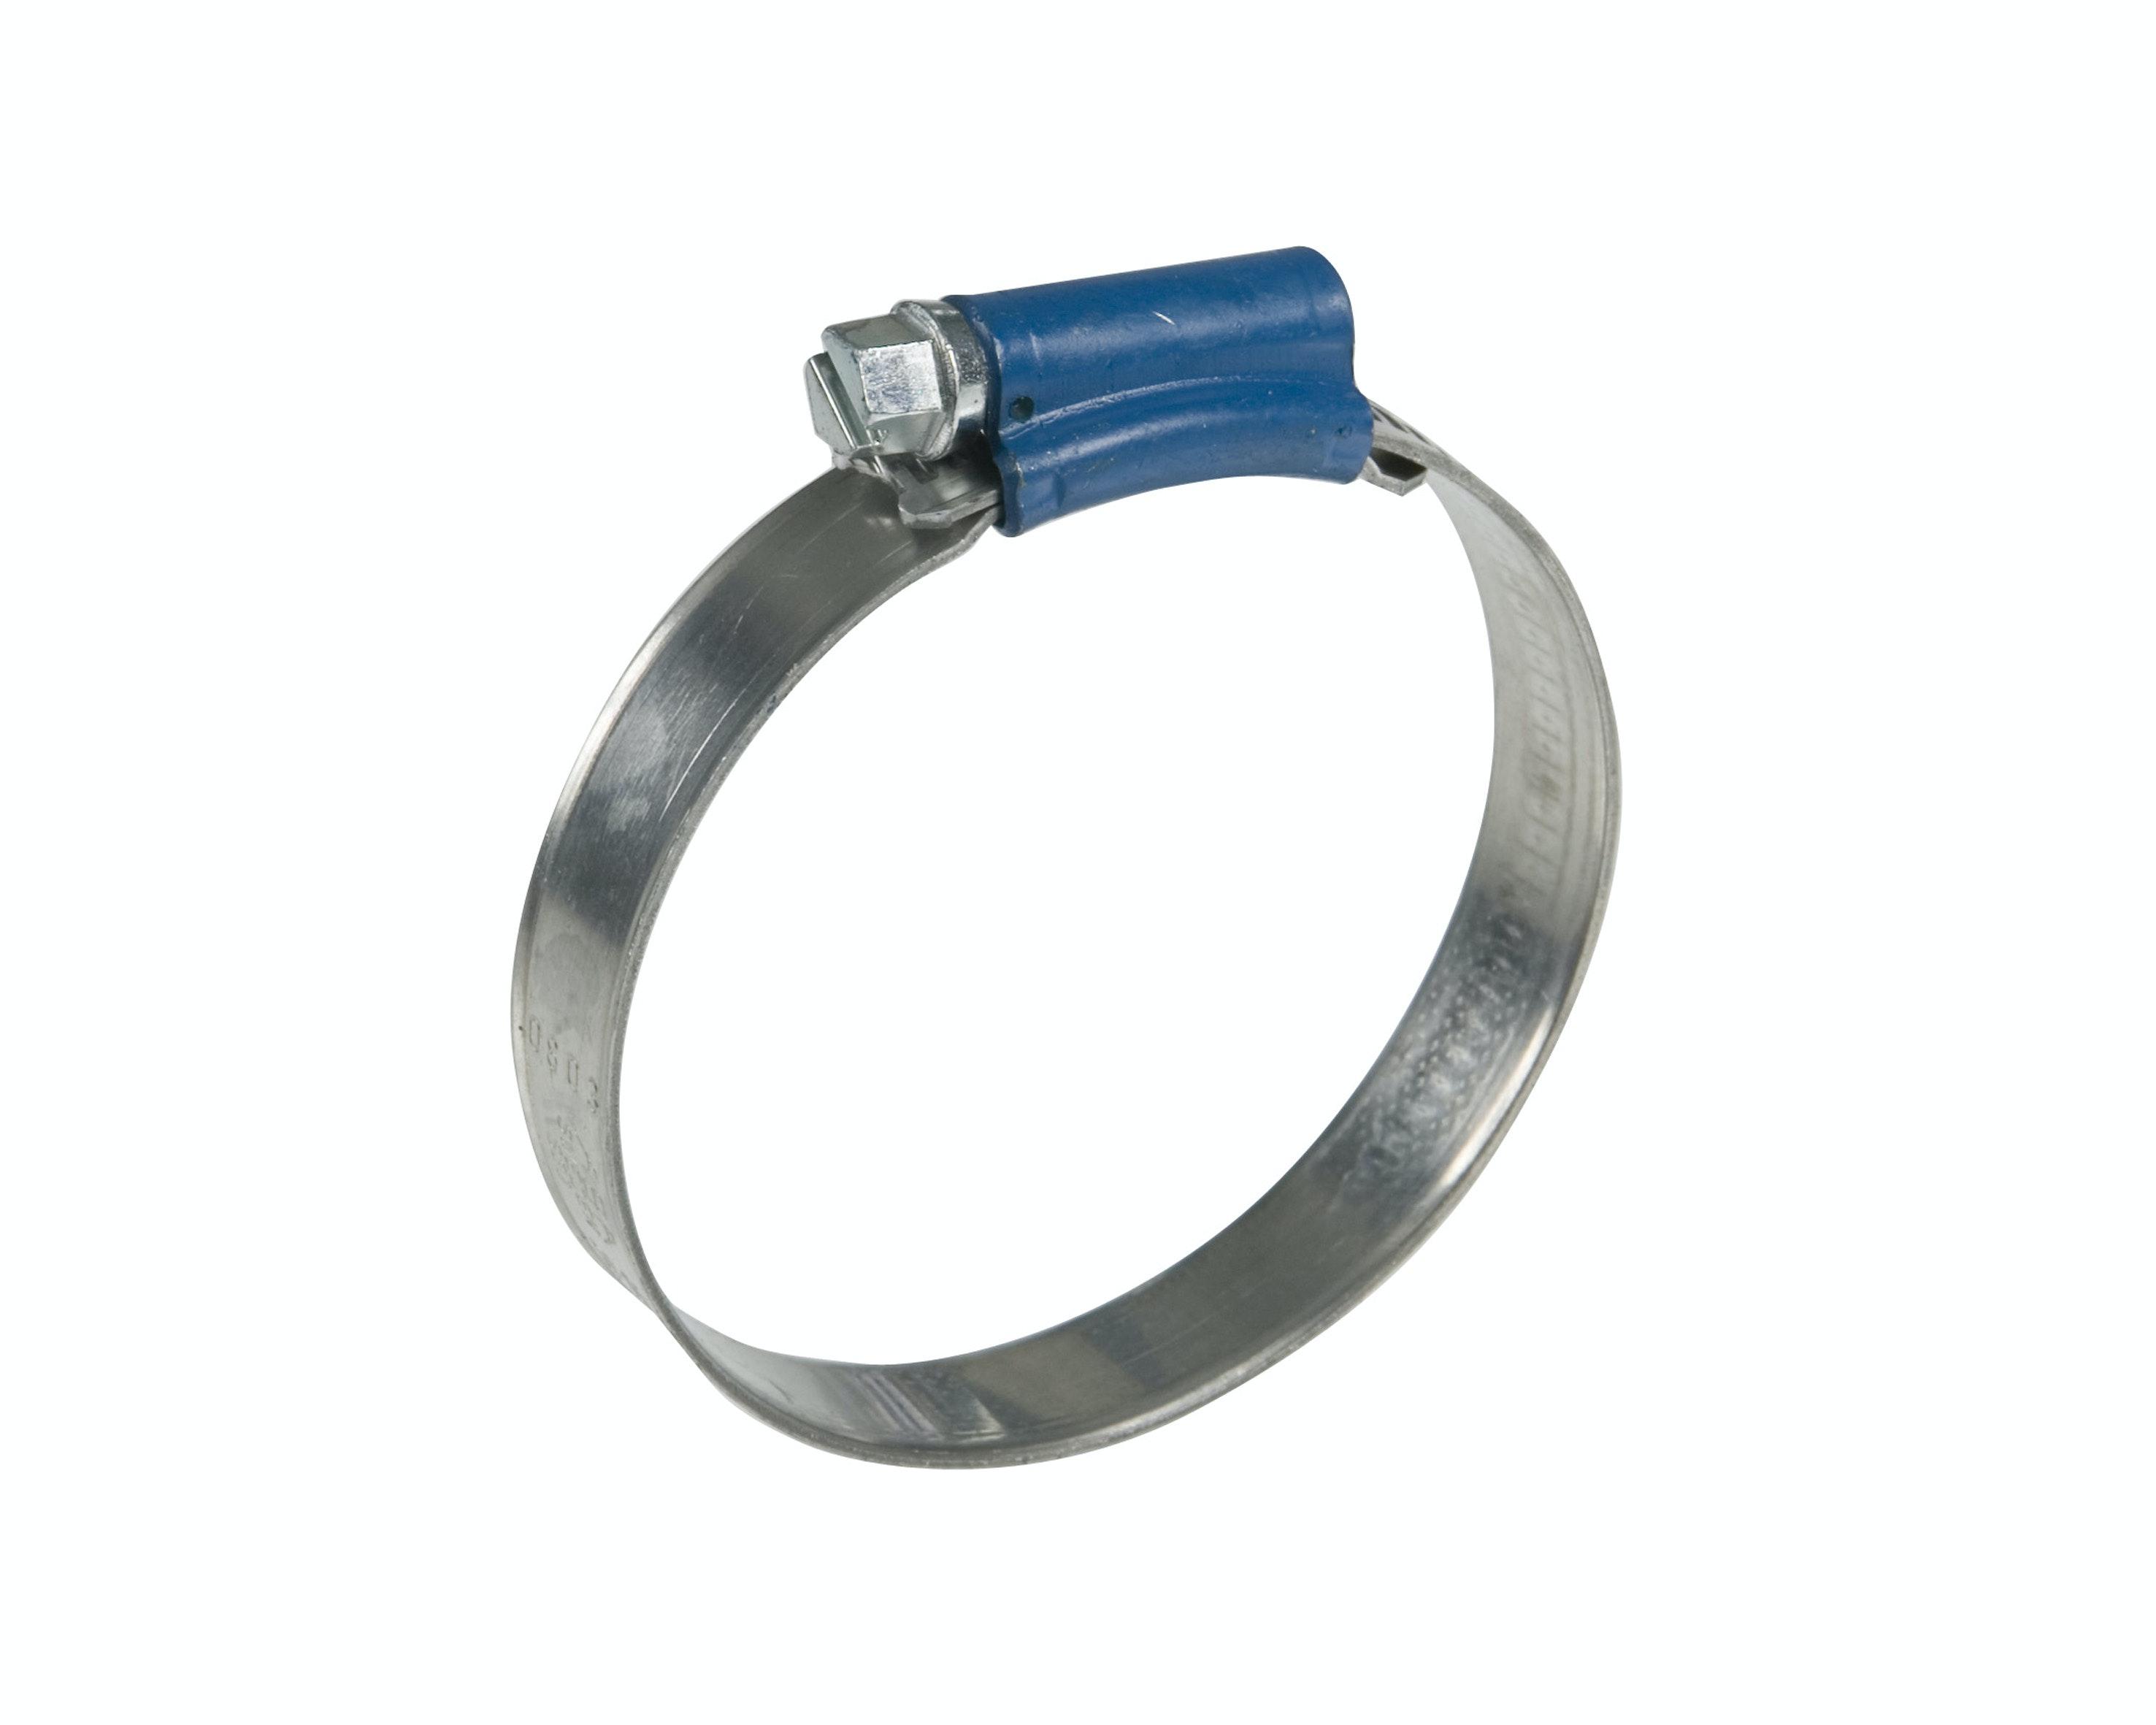 Slangklämma Lundgens 19-28 mm